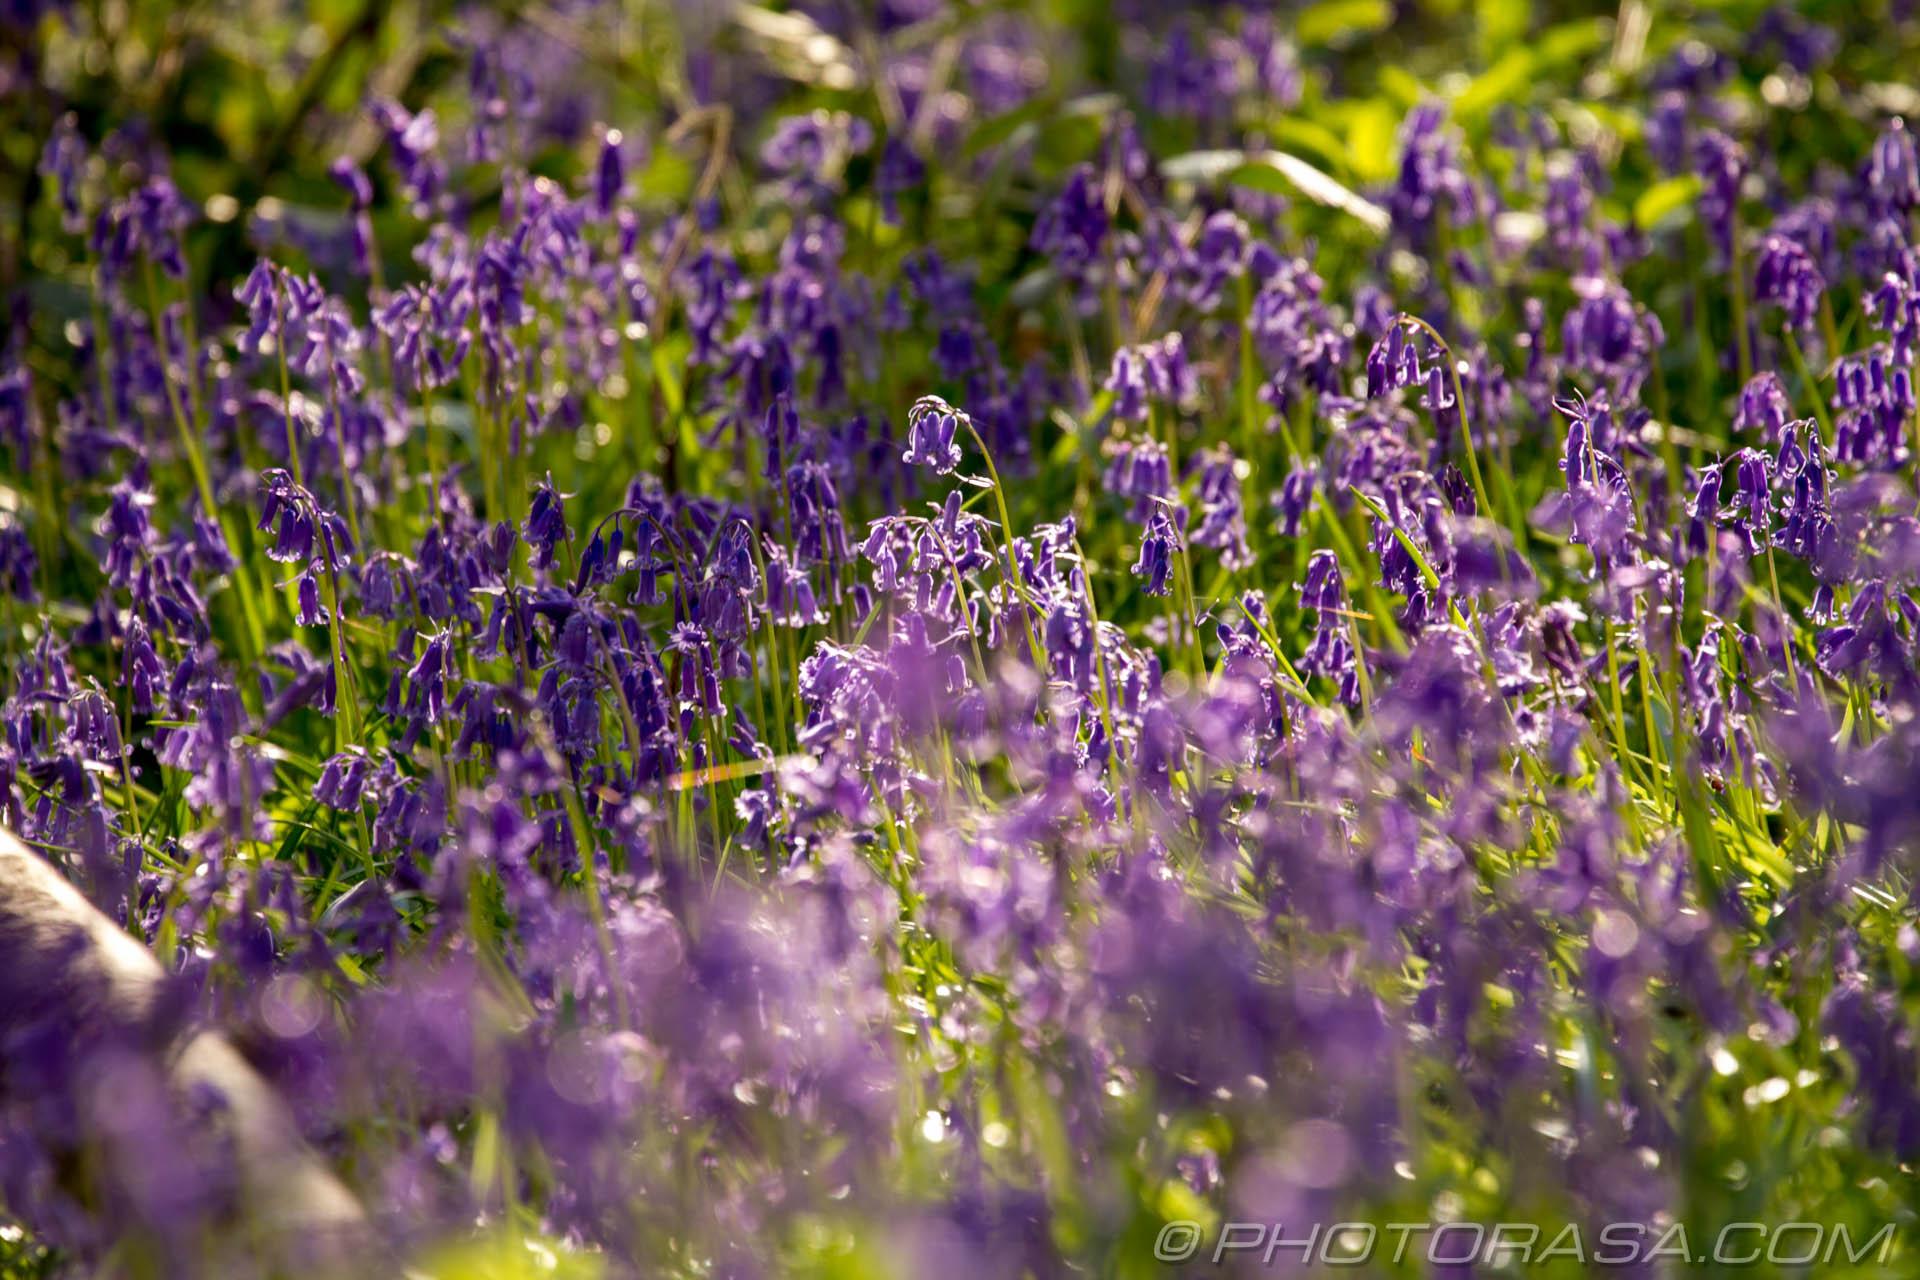 https://photorasa.com/bluebells-woods/bluebells/